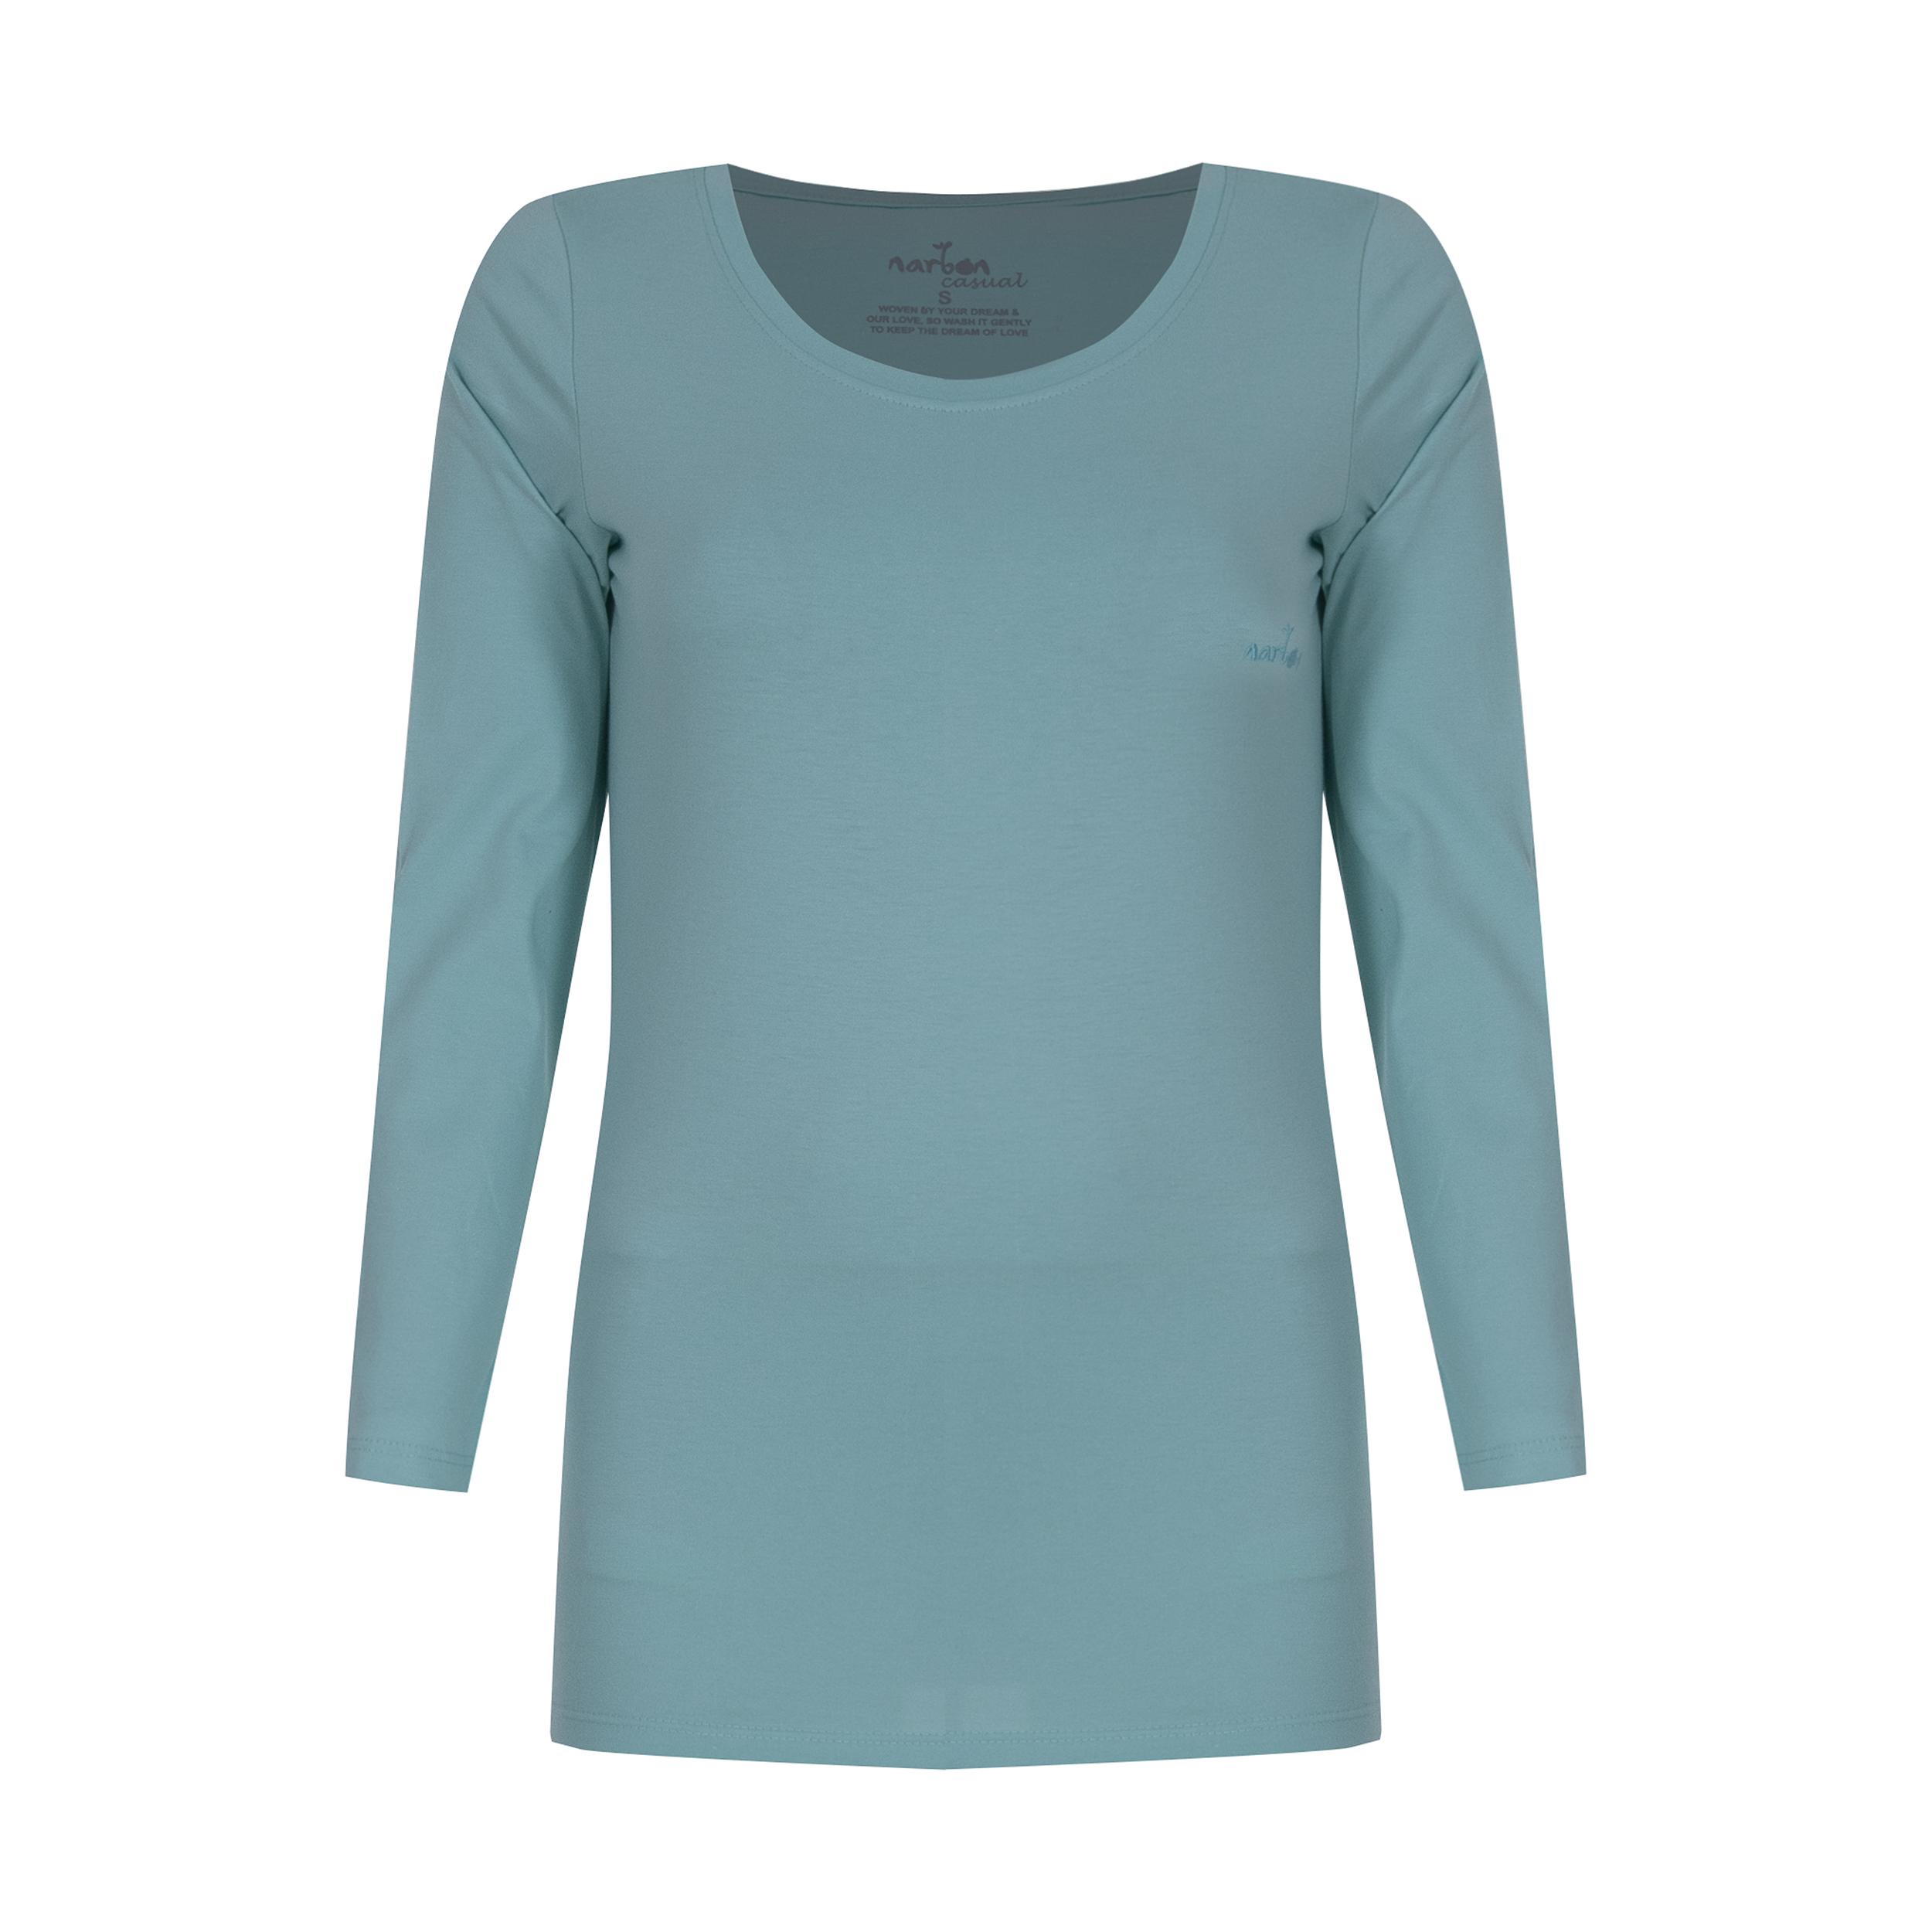 تی شرت زنانه ناربن مدل 1521248-54